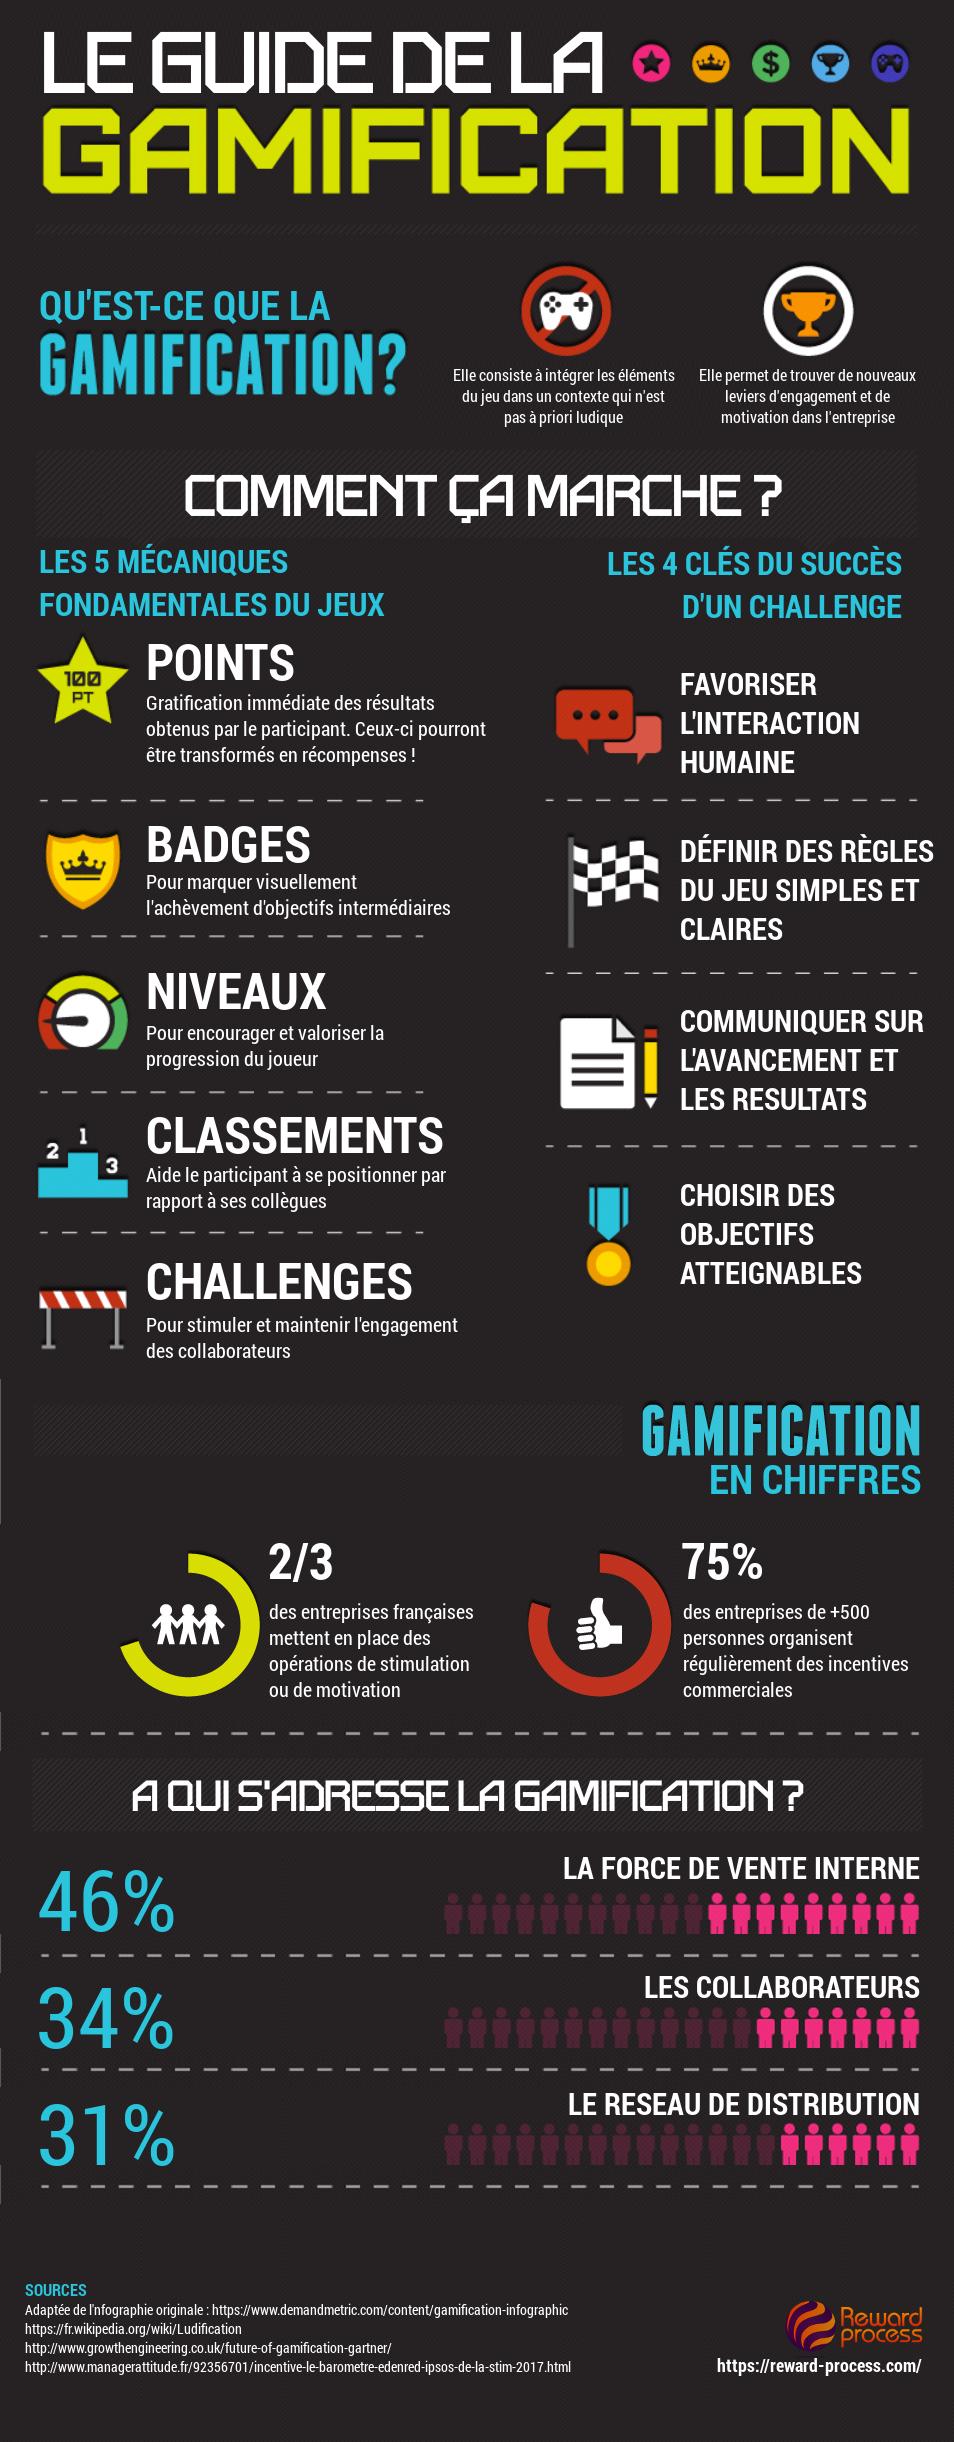 [Infographie] La Gamification en entreprise, comment ça